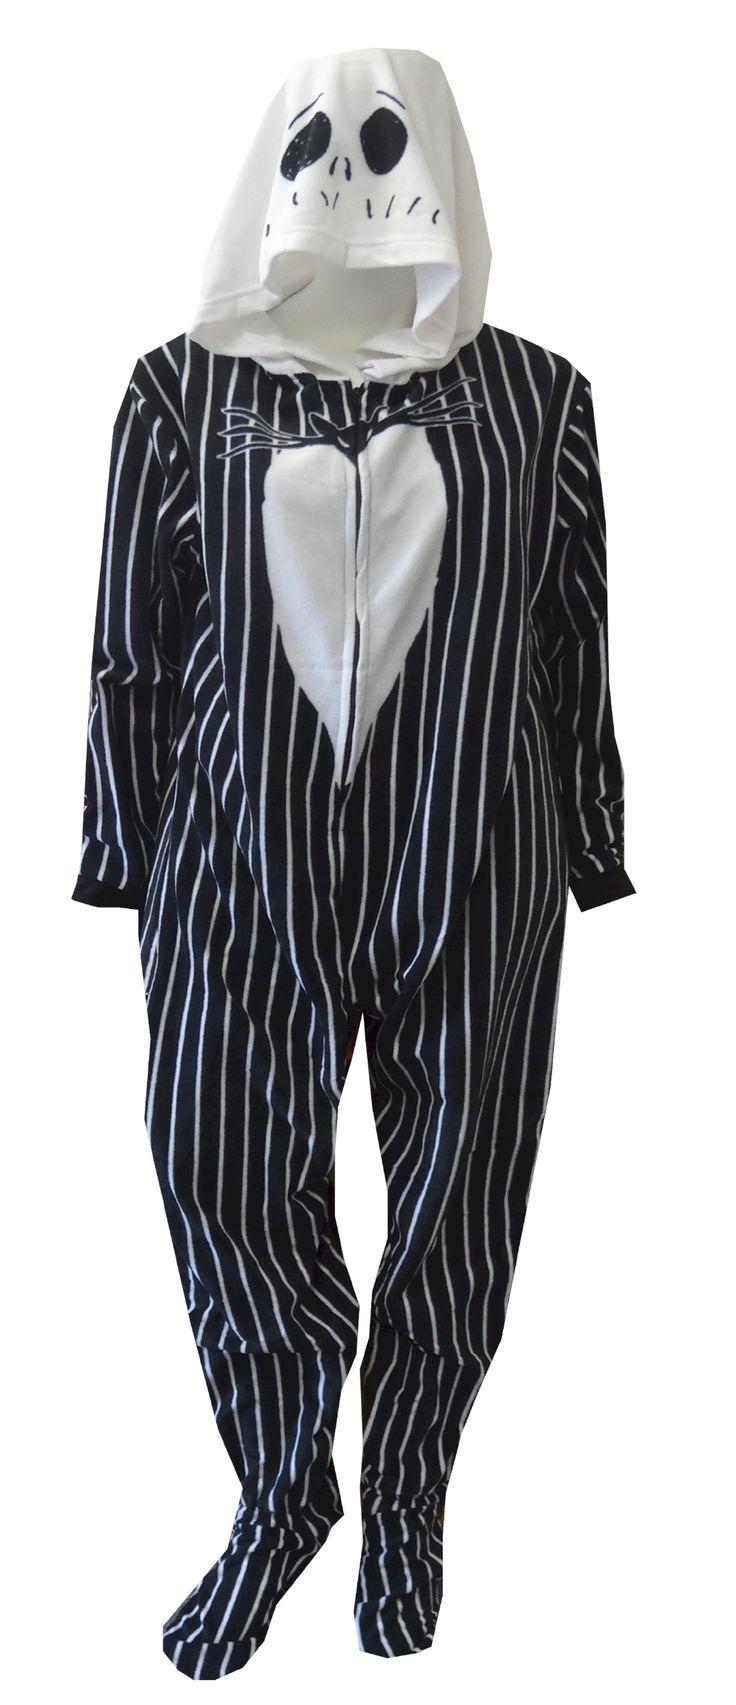 Nightmare Before Christmas Jack Skellington Unisex Footie Pajama Now you can look just like Jack Skellington! These unisex paja...